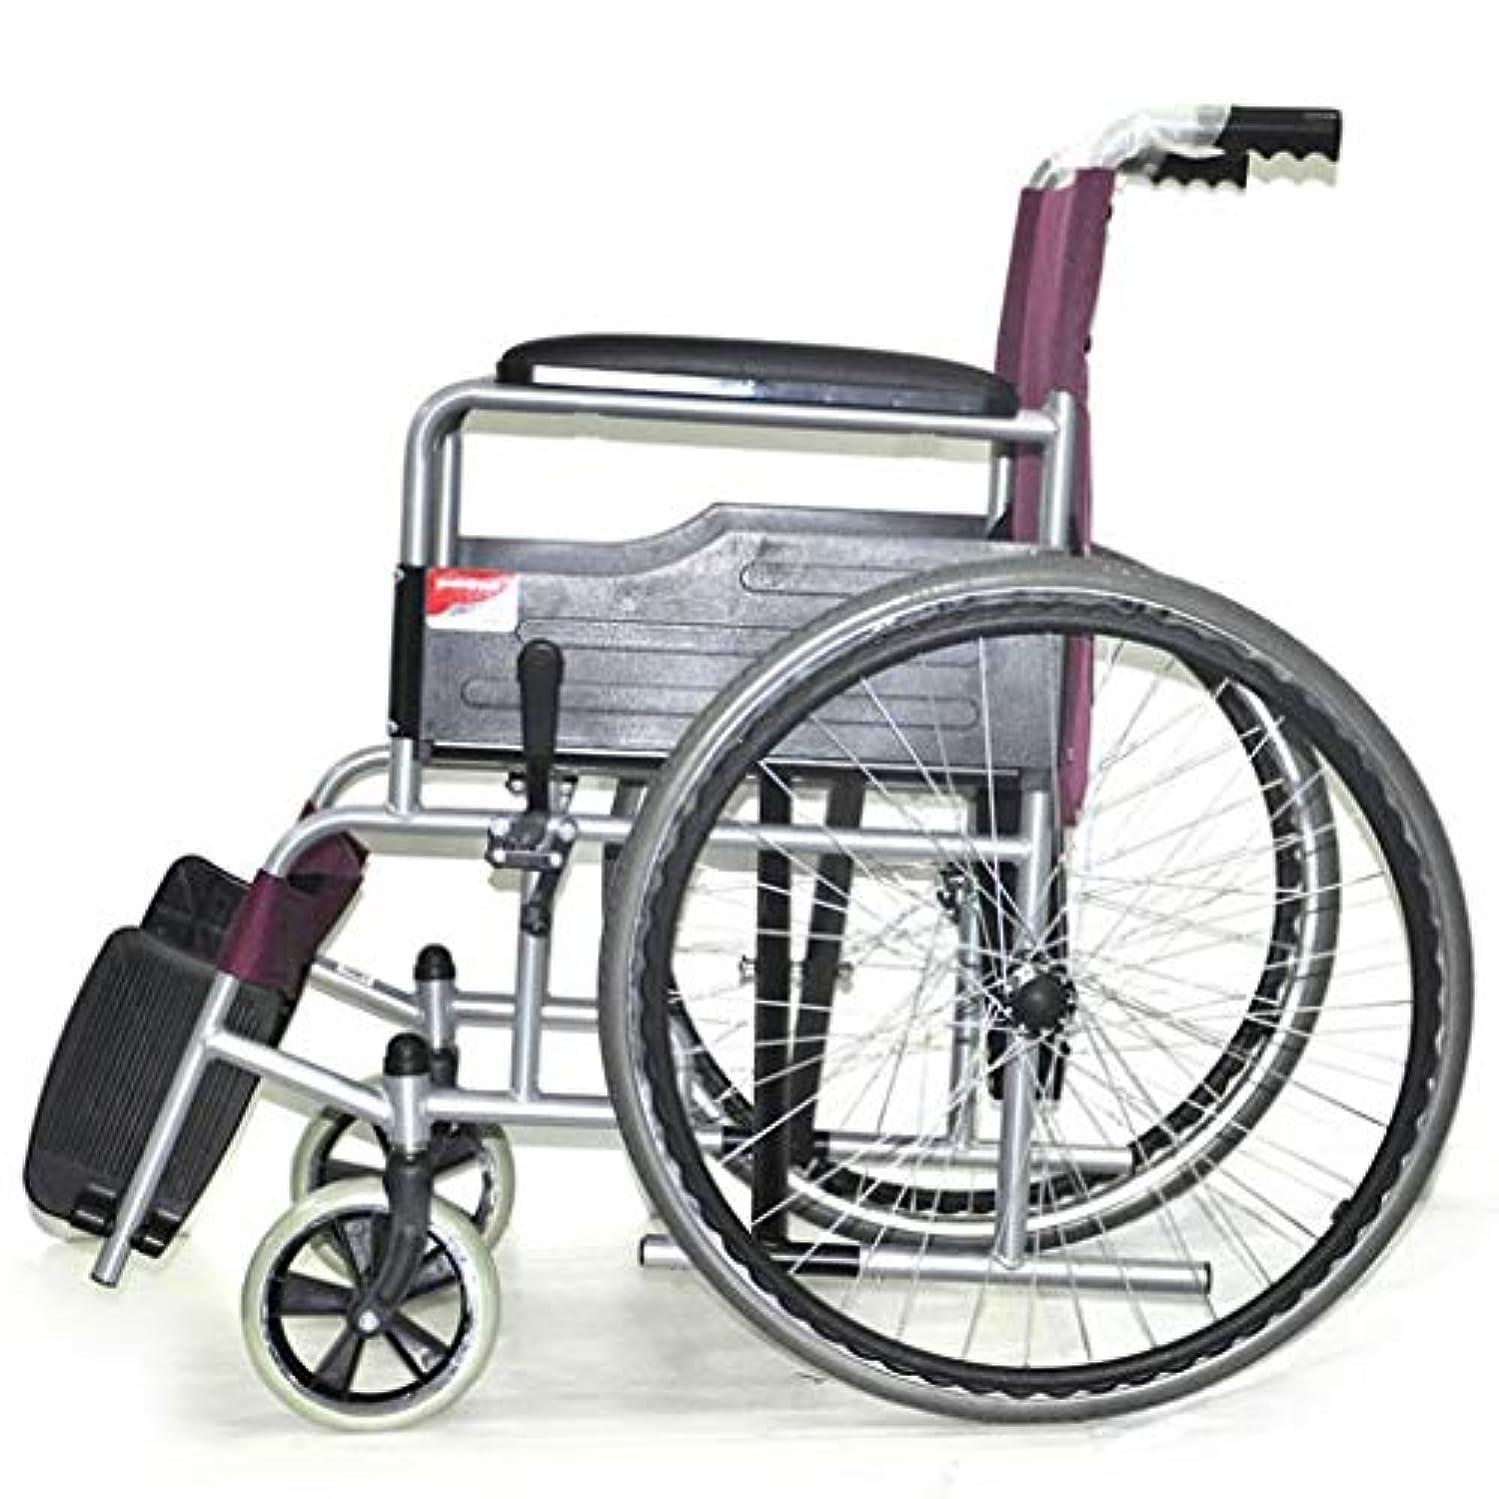 追い越す出身地賢明な自走式車椅子折りたたみ軽量、高齢者屋外旅行車椅子、ブレーキ付き